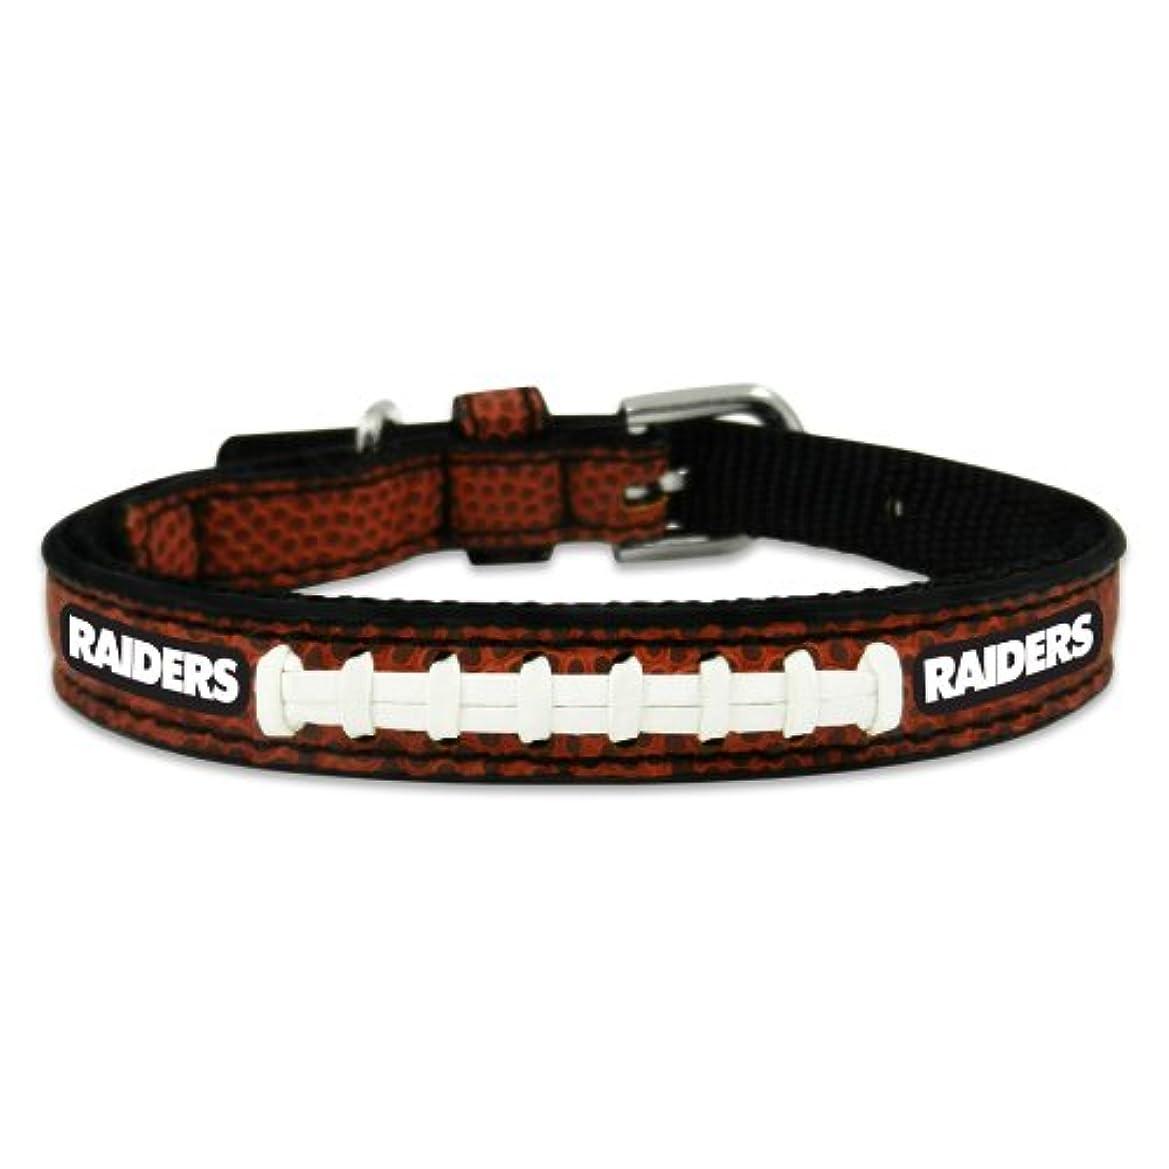 雇うストッキング粗いOakland Raiders Classic Leather Toy Football Collar